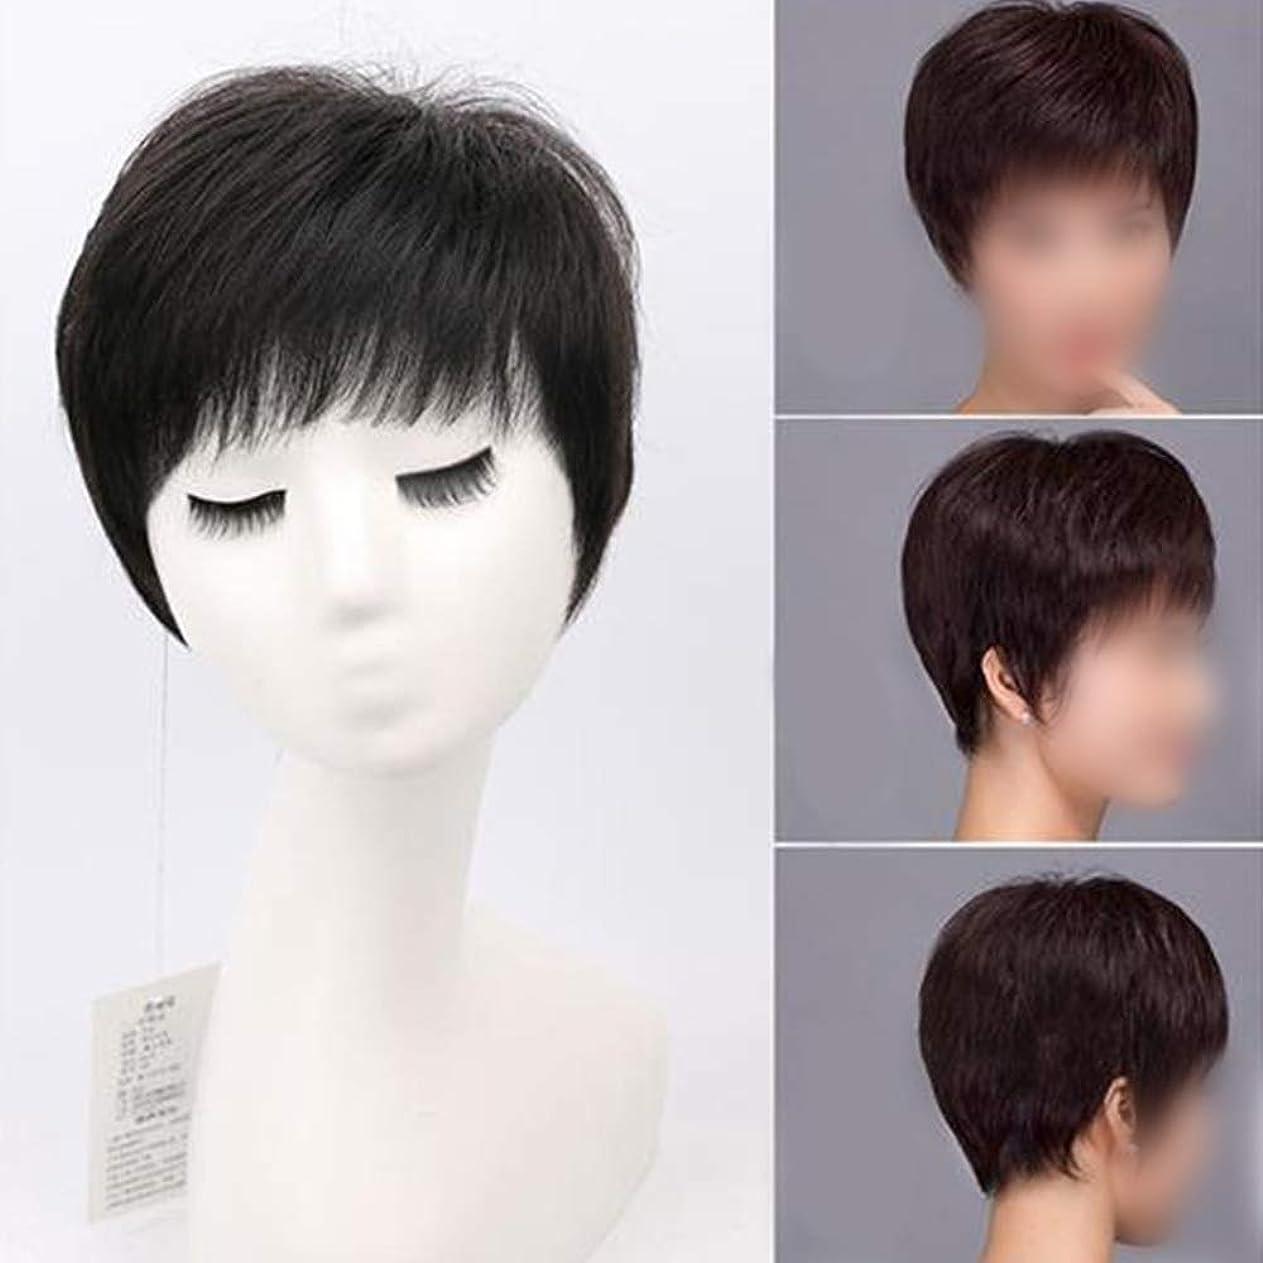 周囲風味機関車YESONEEP 女性のための空気前髪付きリアルヘアショートストレートヘアミドルとオールドウィッグナチュラルリアルなファッションウィッグ (色 : Natural black)